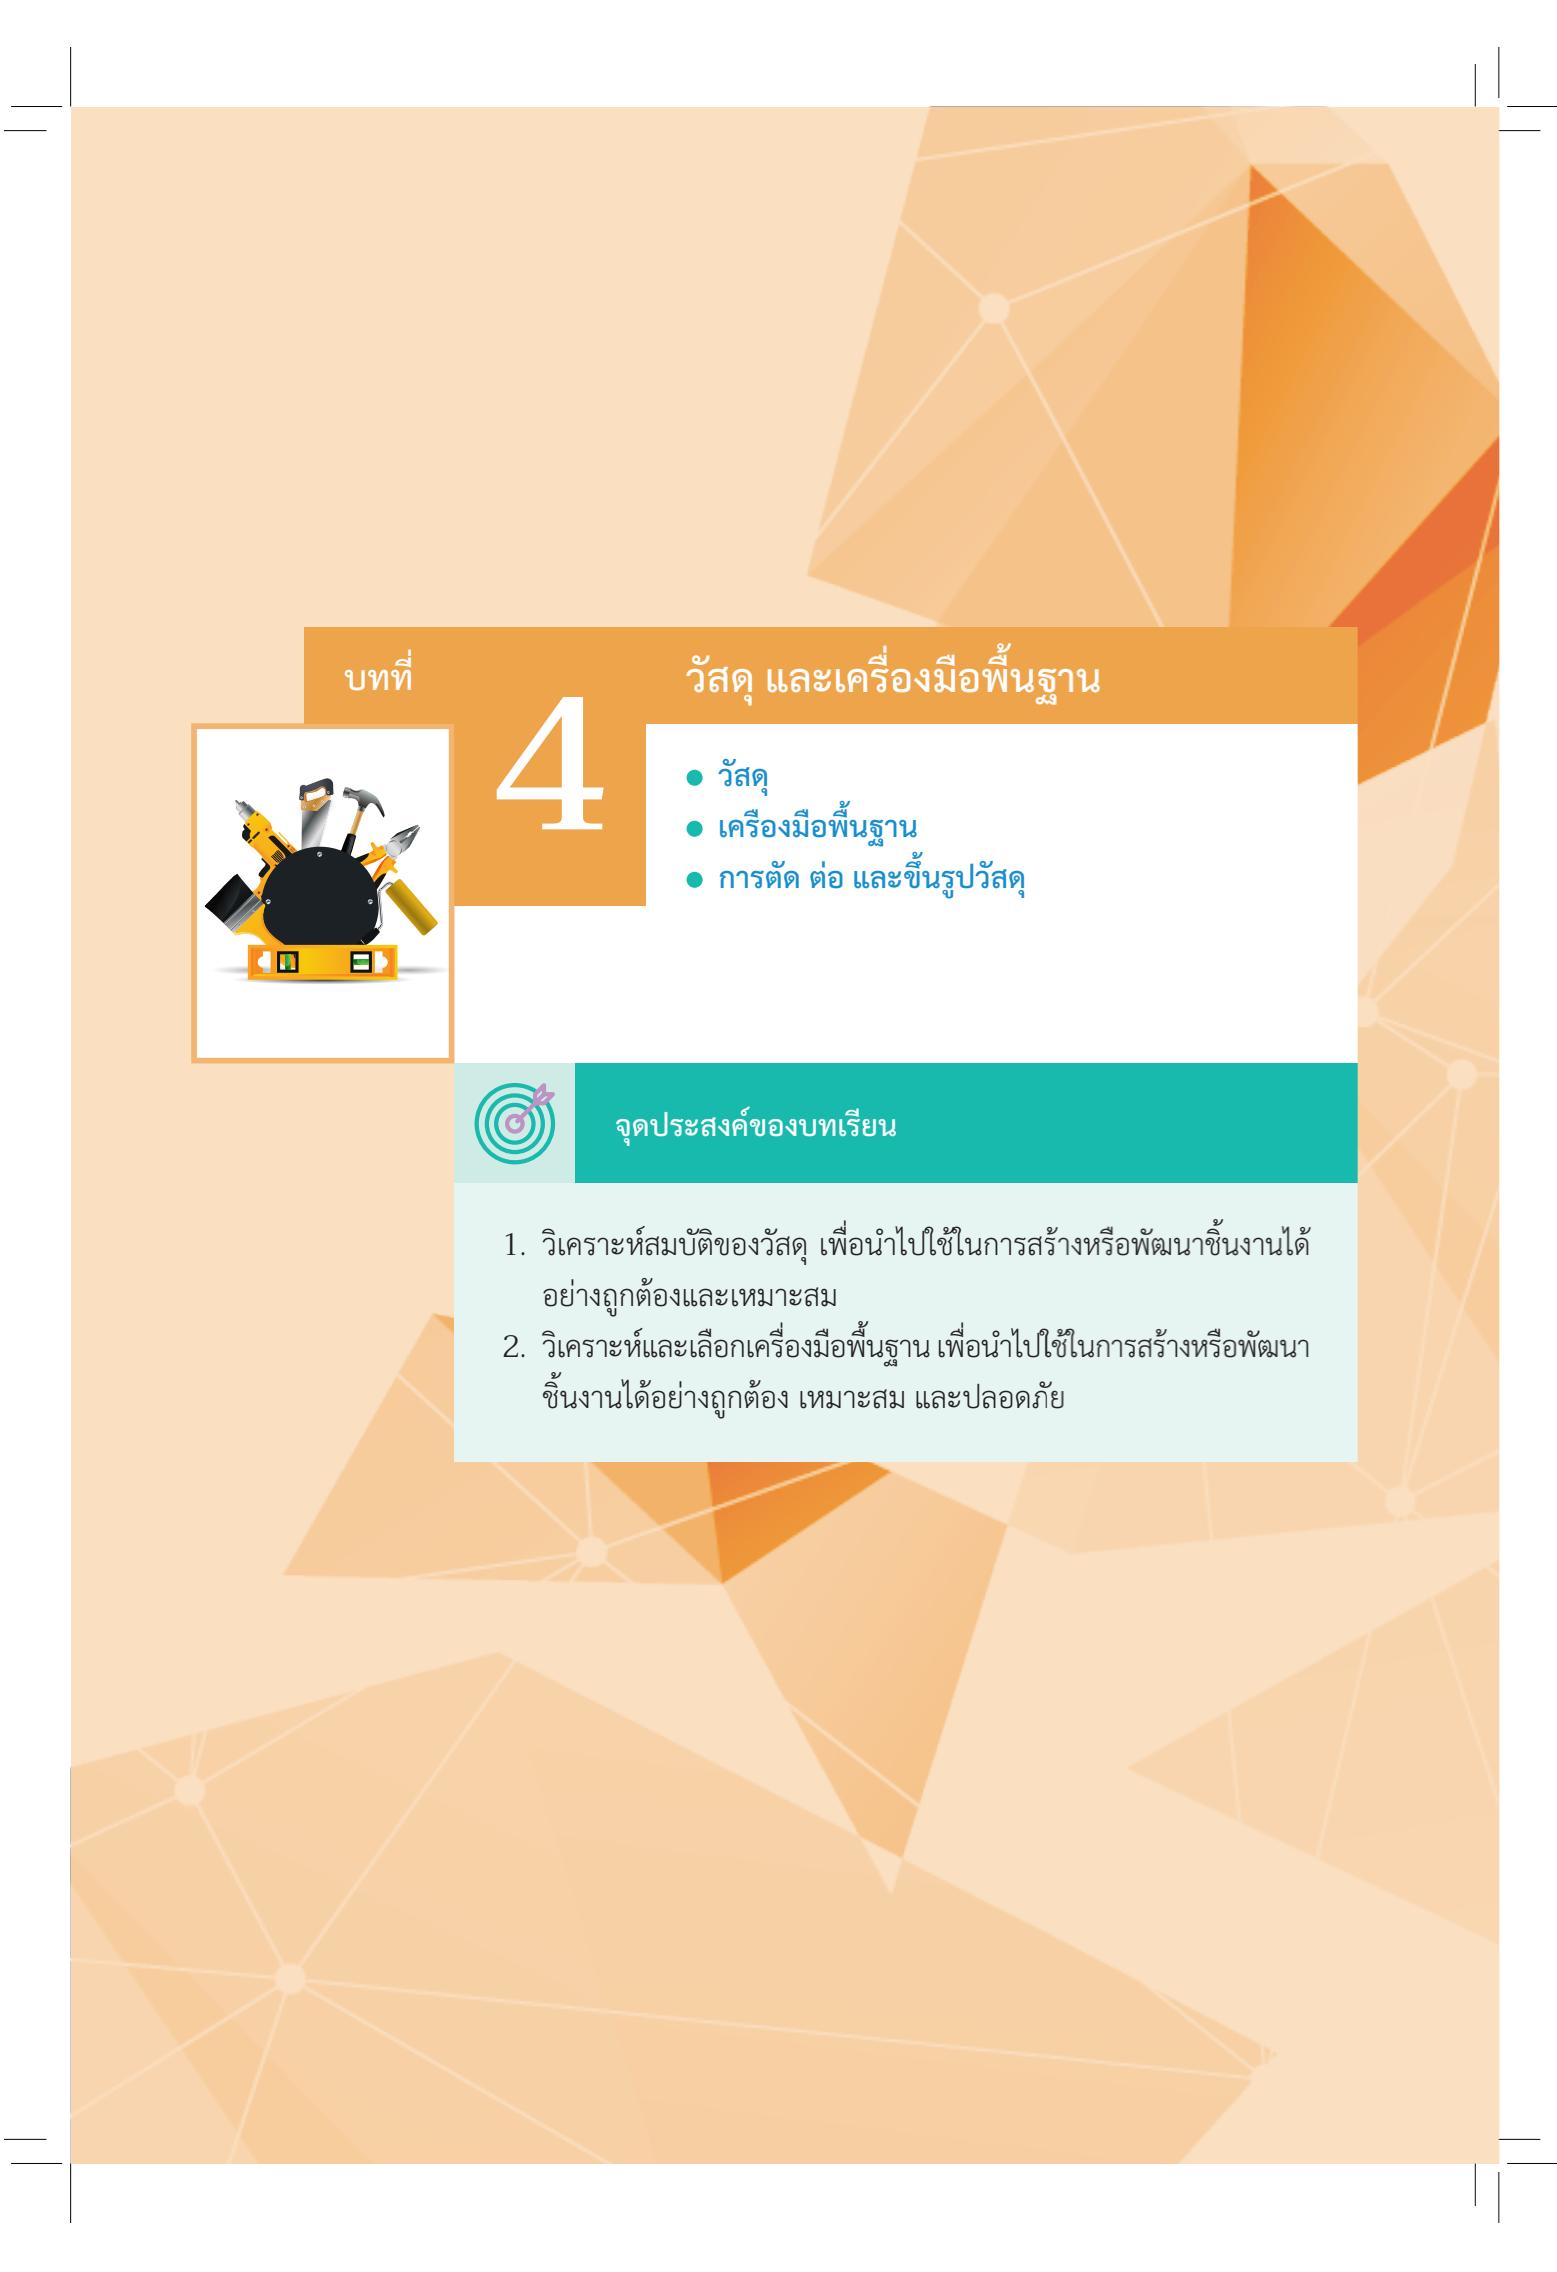 ตัวอย่างหนังสือเรียนวิชาการออกแบบและเทคโนโลยี ชั้นมัธยมศึกษาาปีที่ 4